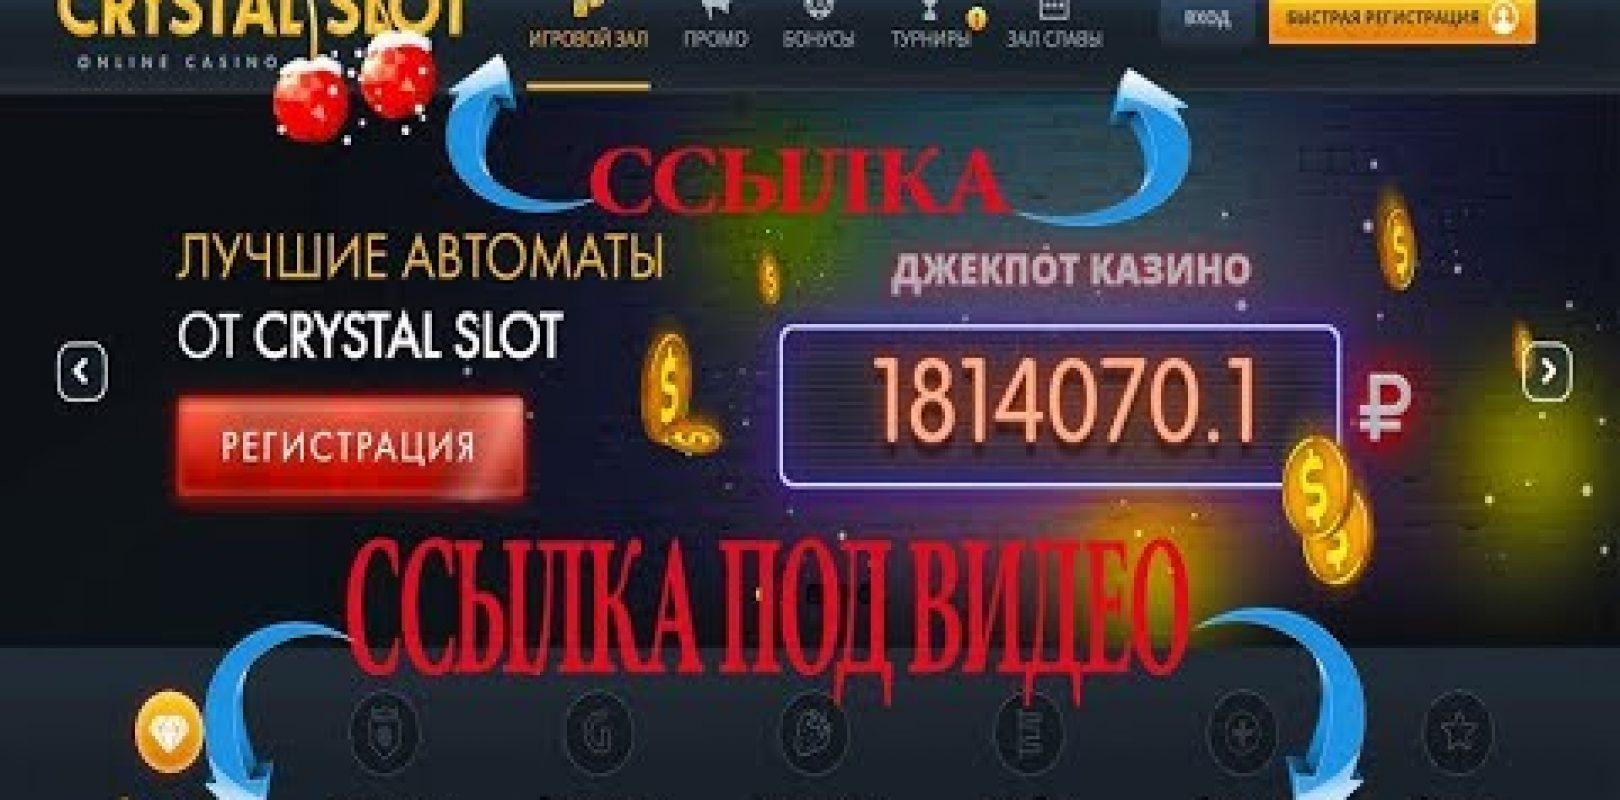 Игровые автоматы 500 рублей за регистрацию